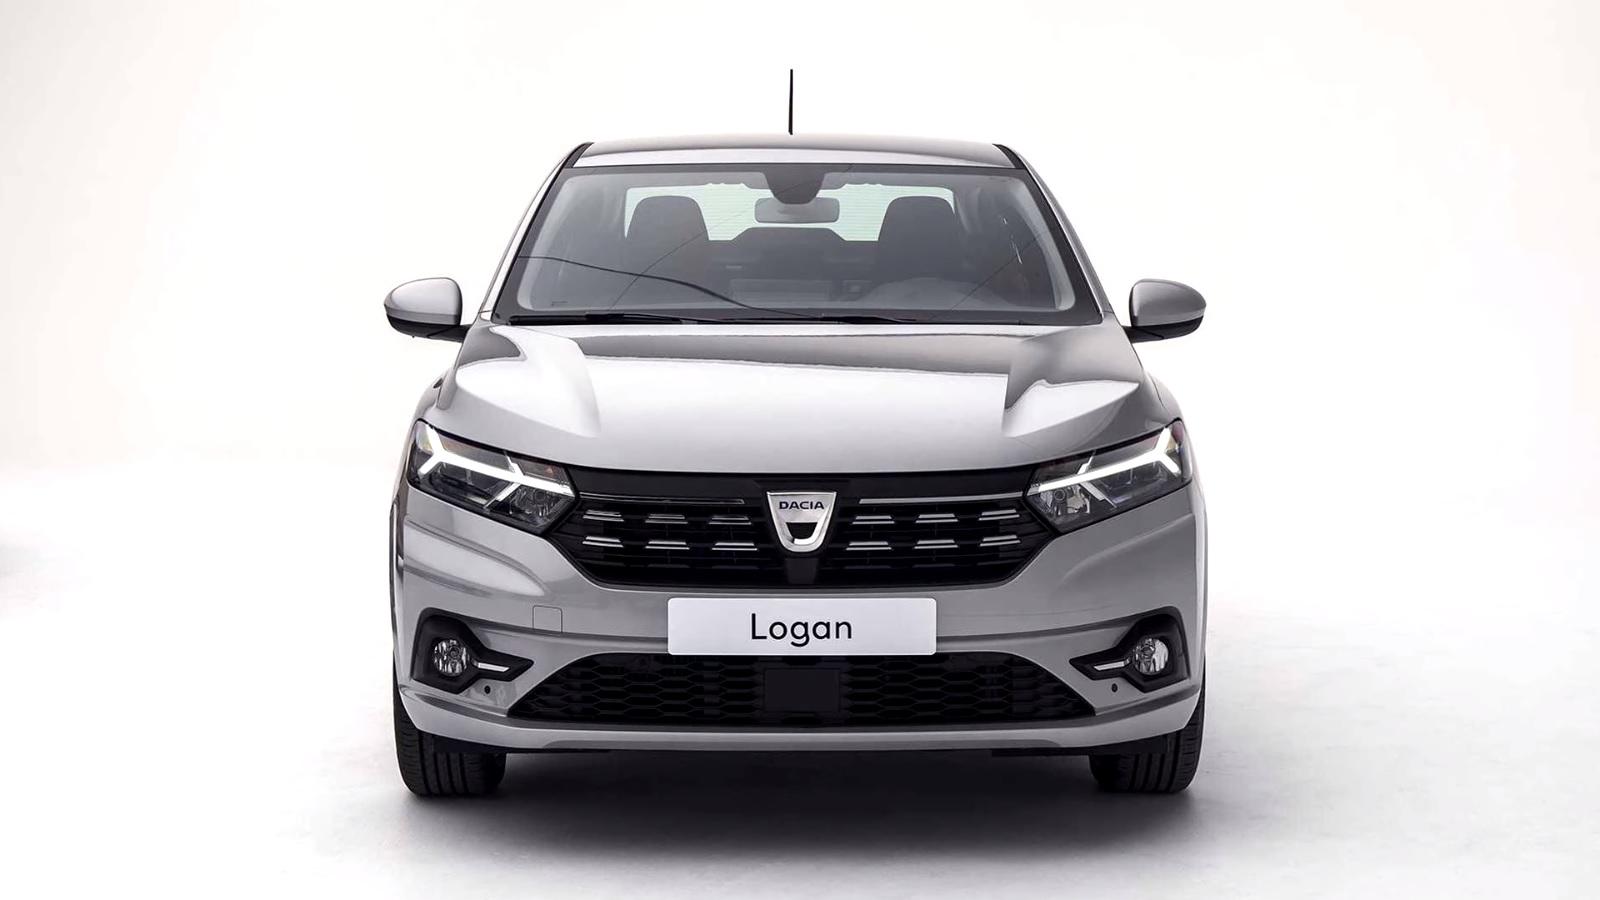 2020_Dacia_Logan_0001